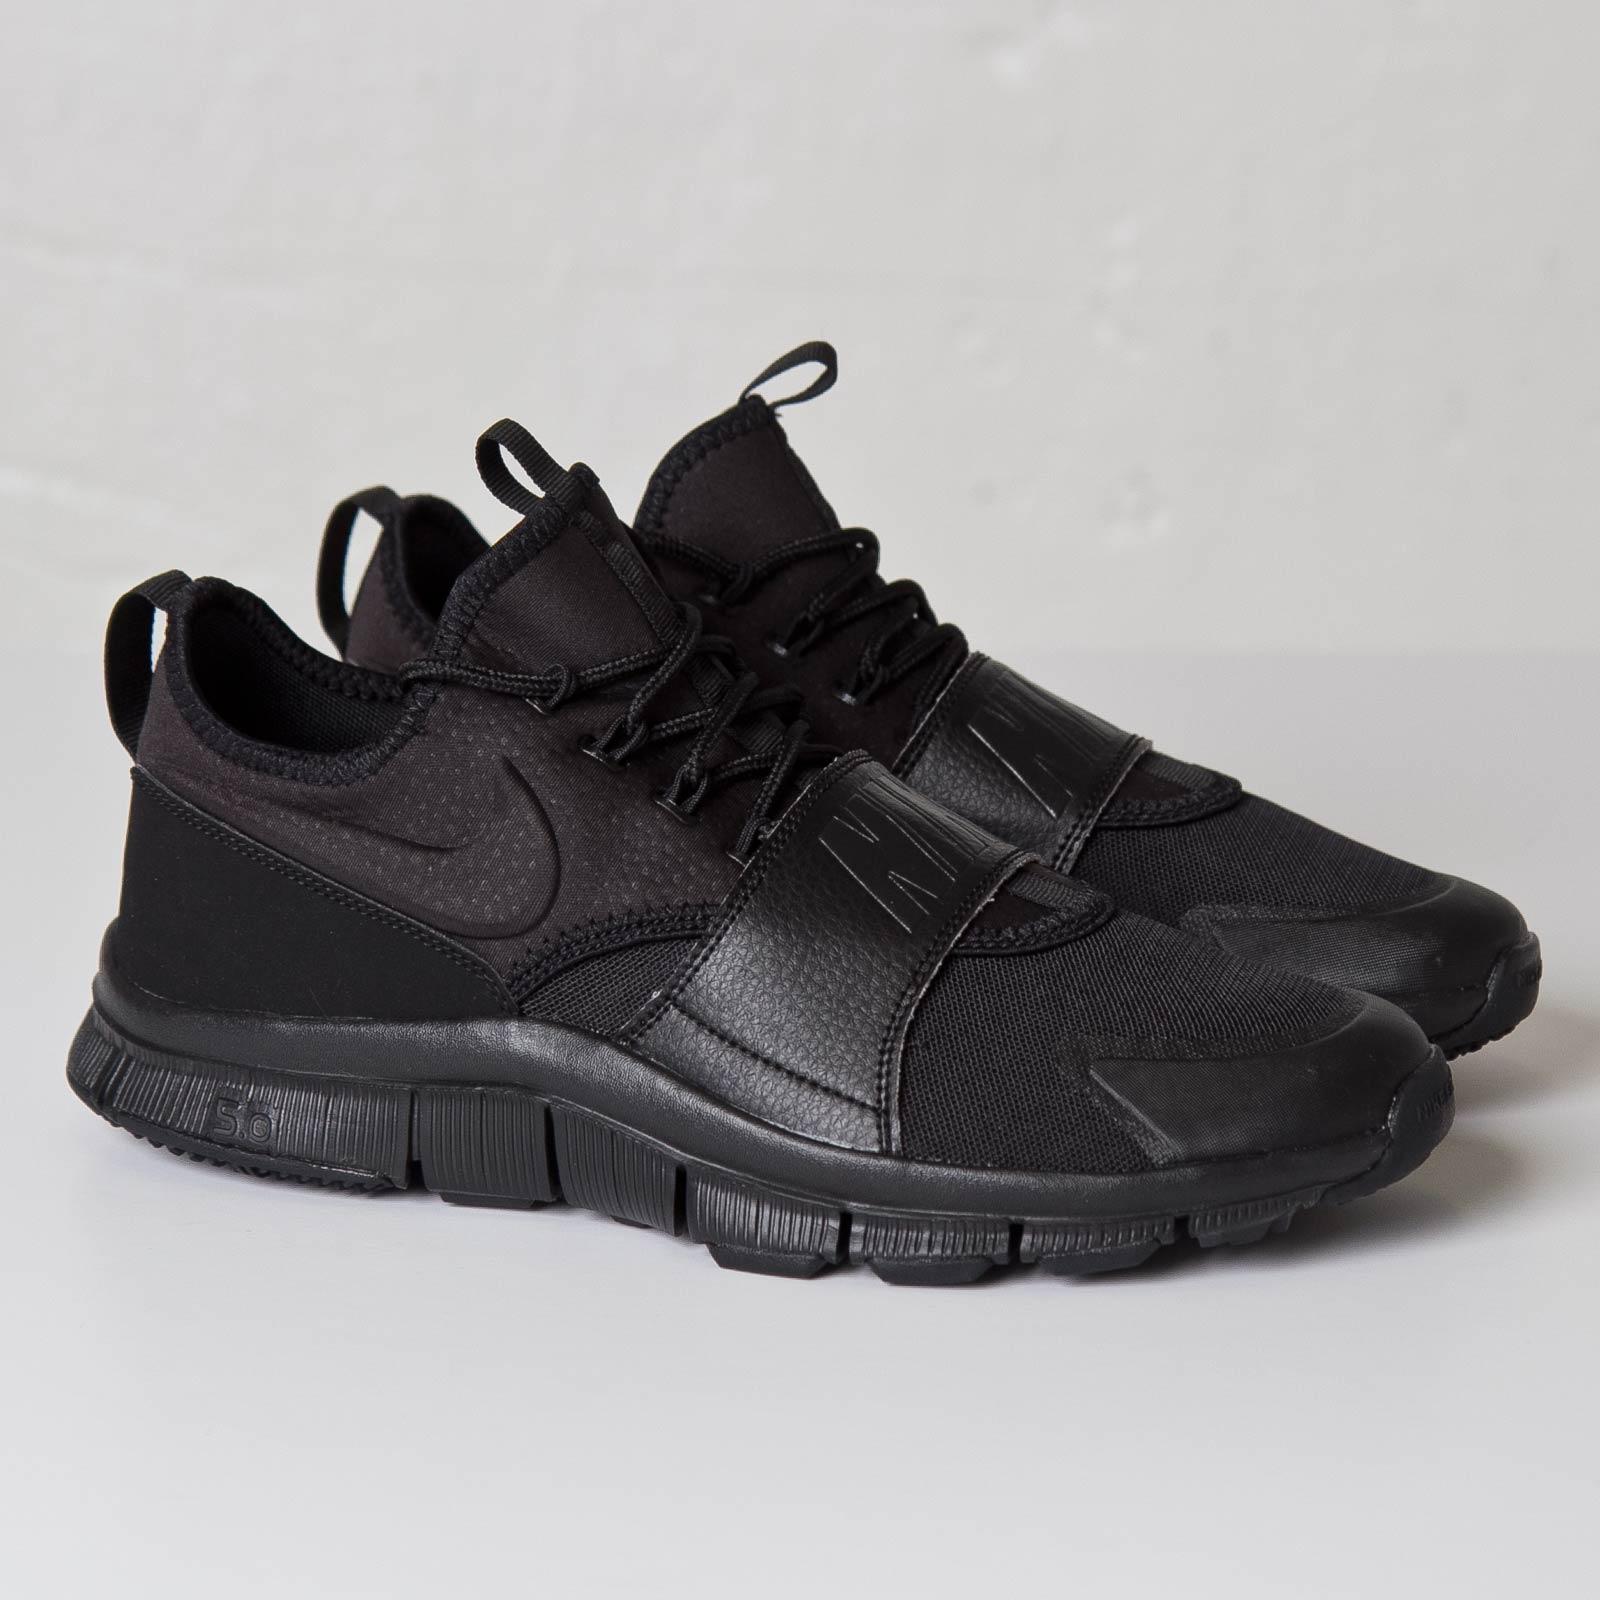 sports shoes 8b5b7 956ce Nike Free Ace - 749446-001 - Sneakersnstuff   sneakers   streetwear ...